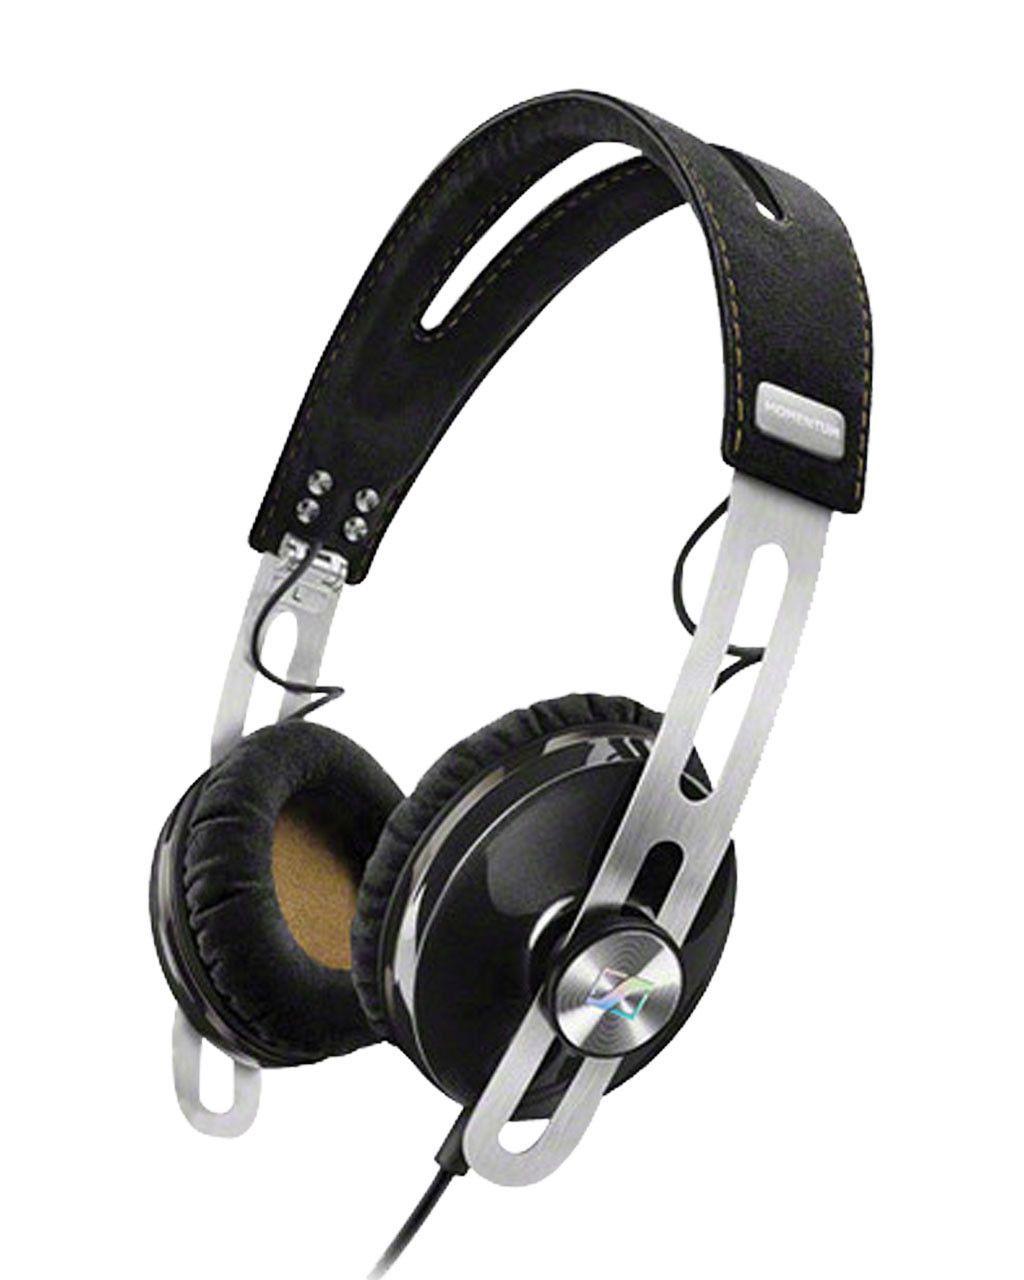 Hd1 On Ear Black Sennheiser Headphones Headphones In Ear Headphones